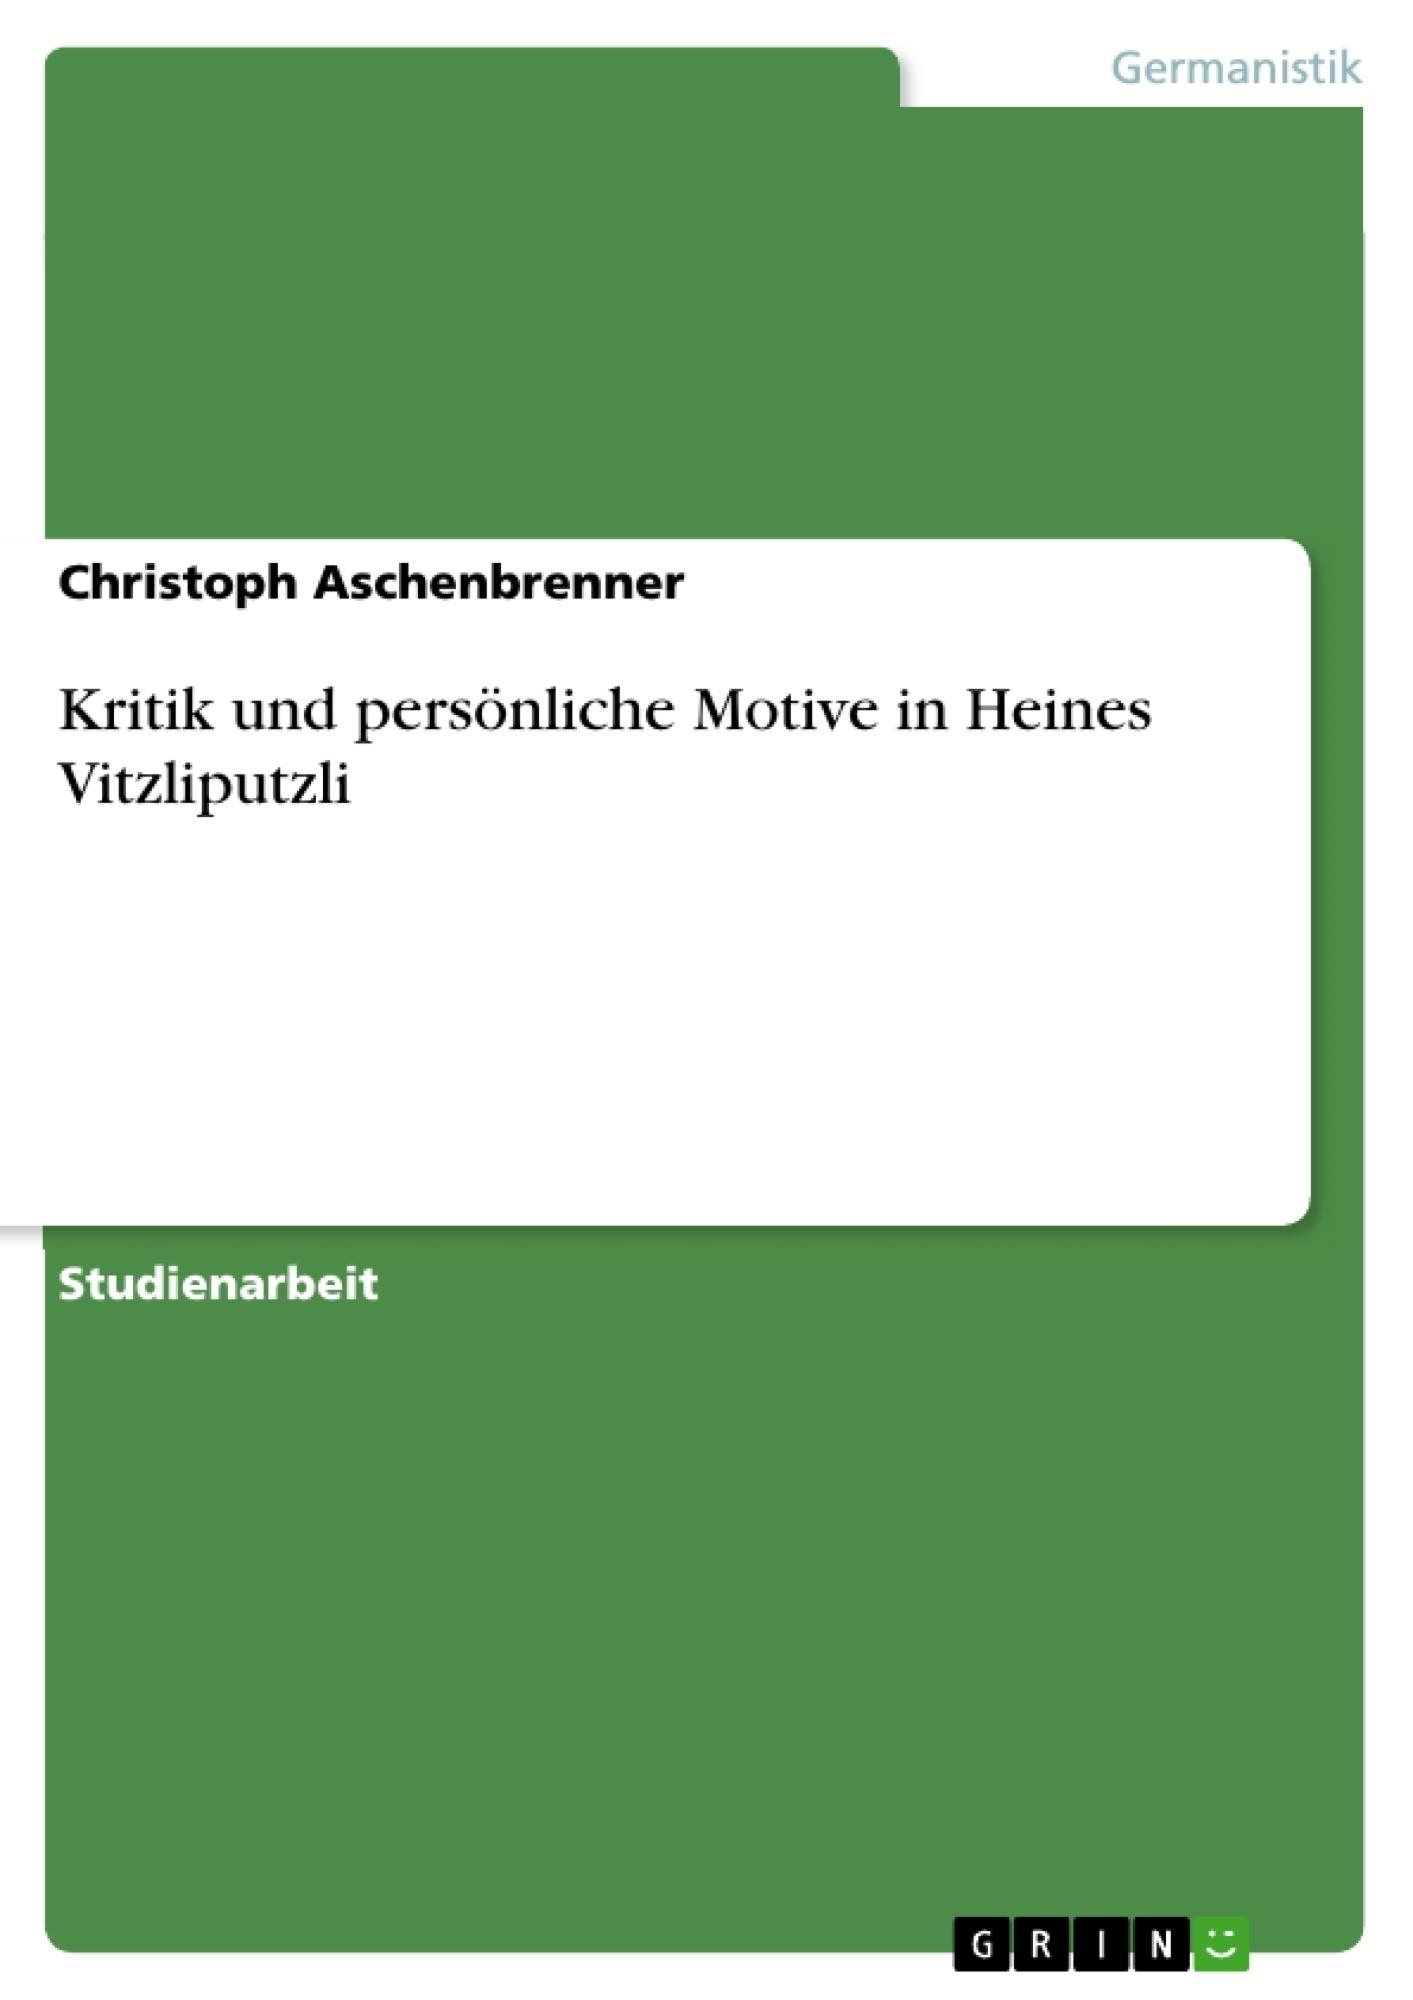 Titel: Kritik und persönliche Motive in Heines Vitzliputzli